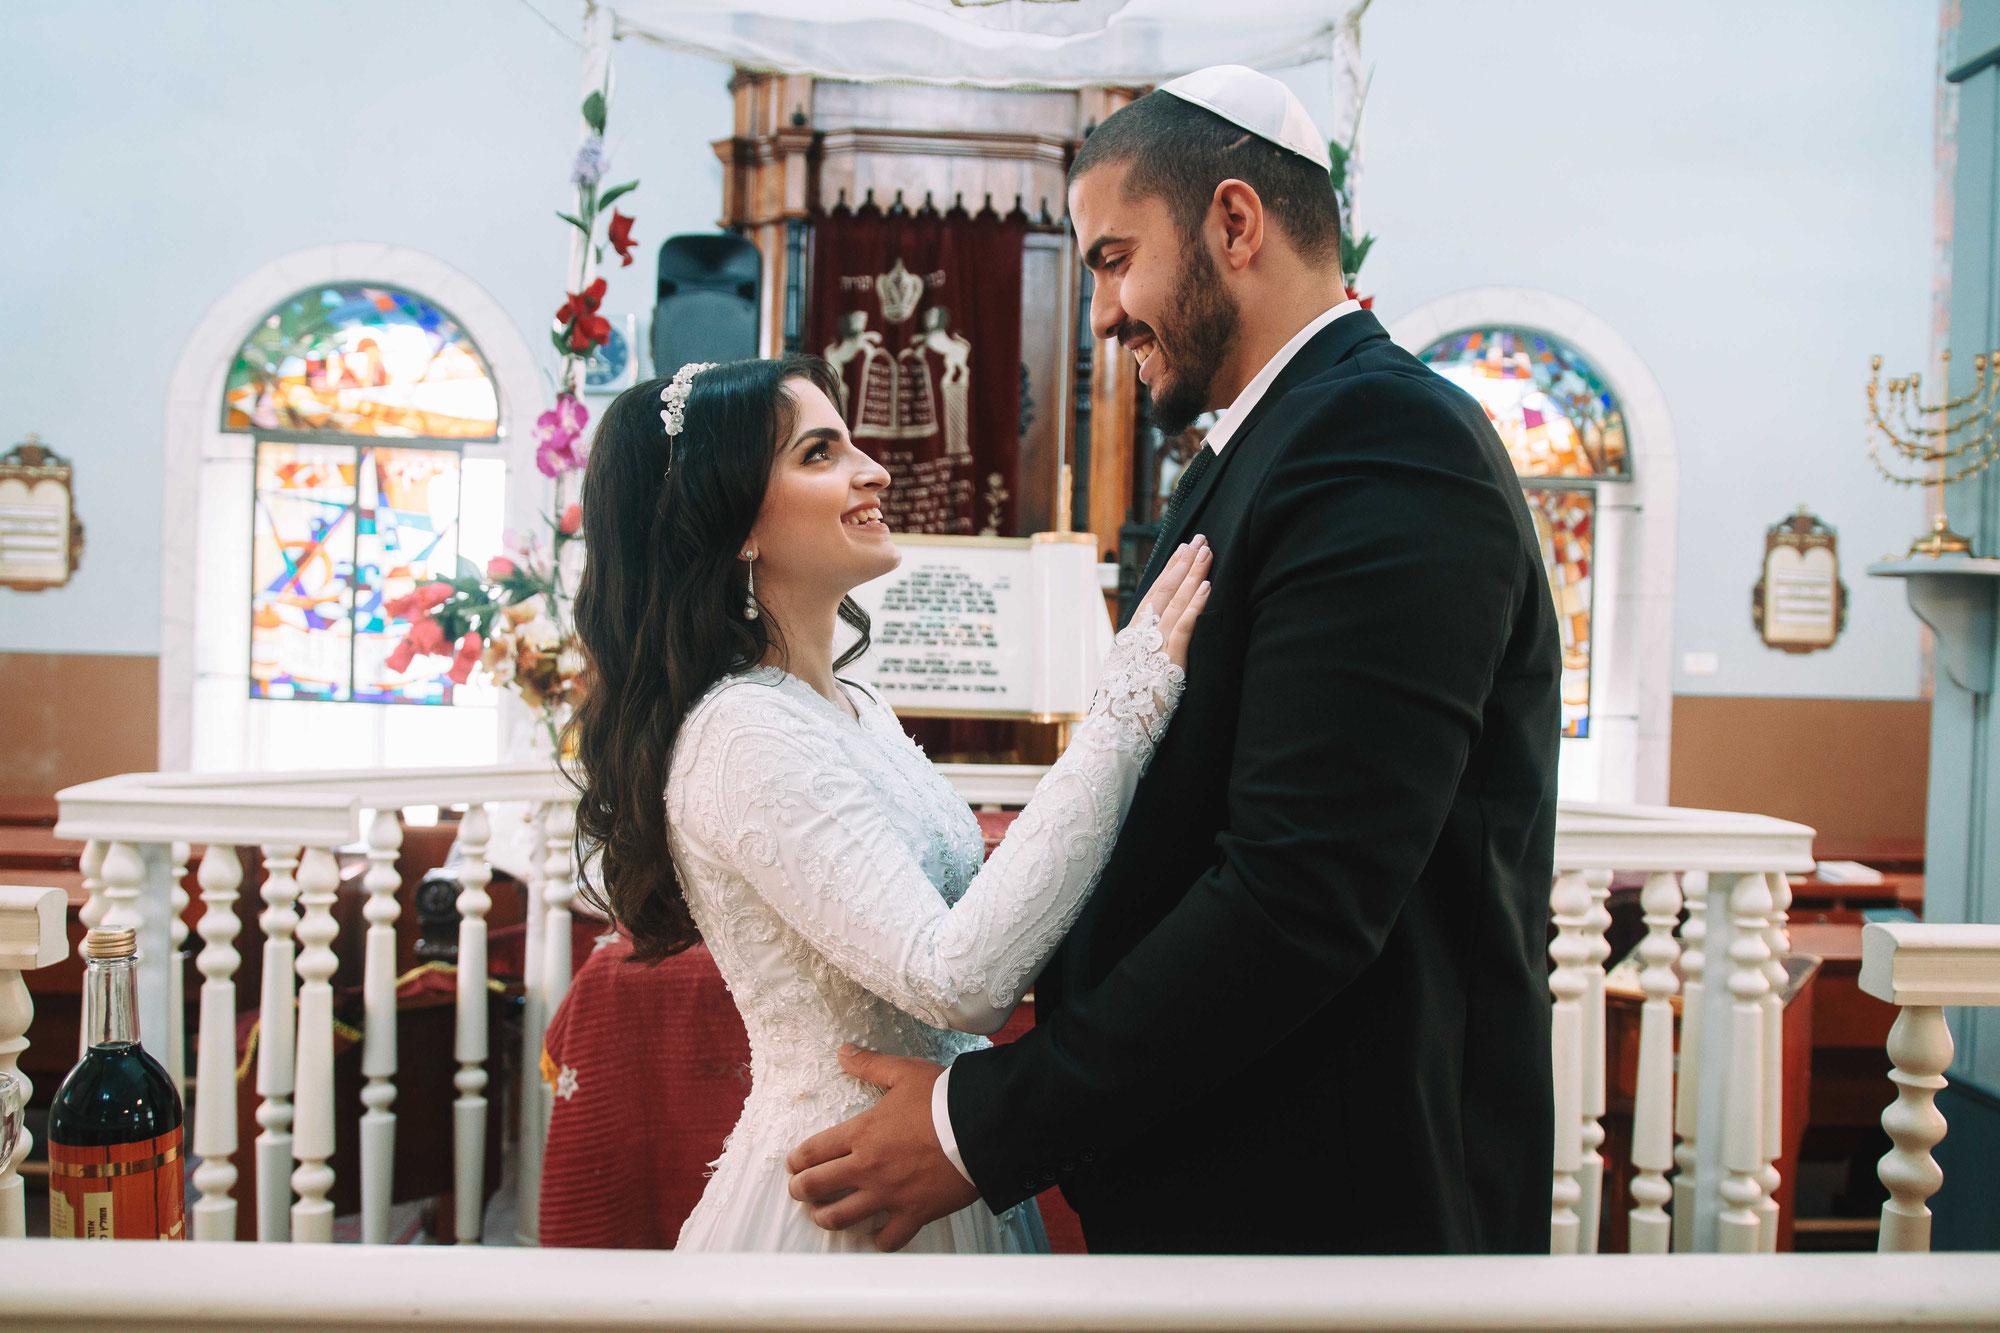 צילום חתונה חלומית עם מעט משתתפים בבית כנסת בראשון לציון - זה מרגש בטירוף